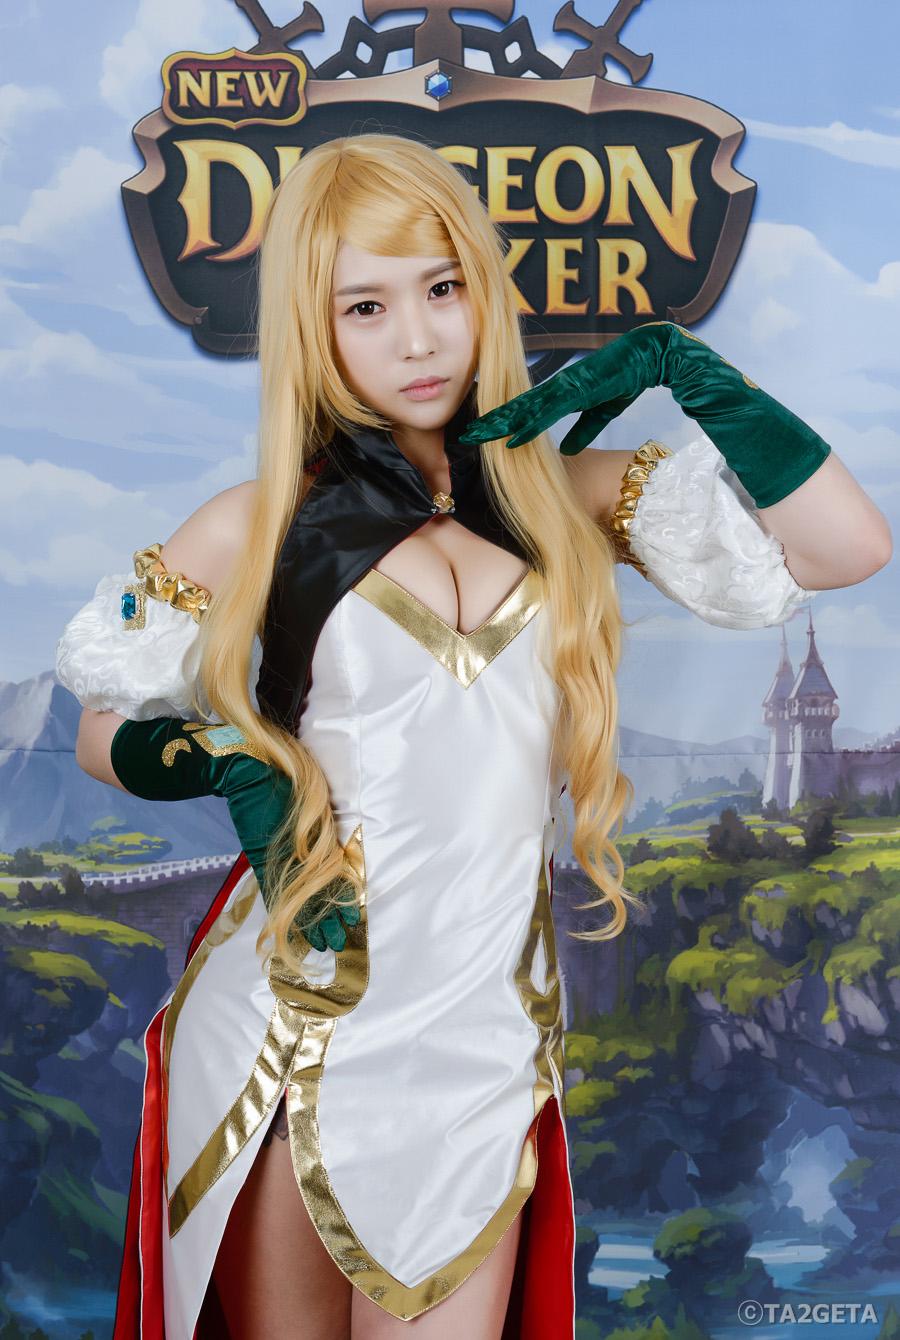 Chảy máu mũi với cosplay New Dungeon Striker - Ảnh 4